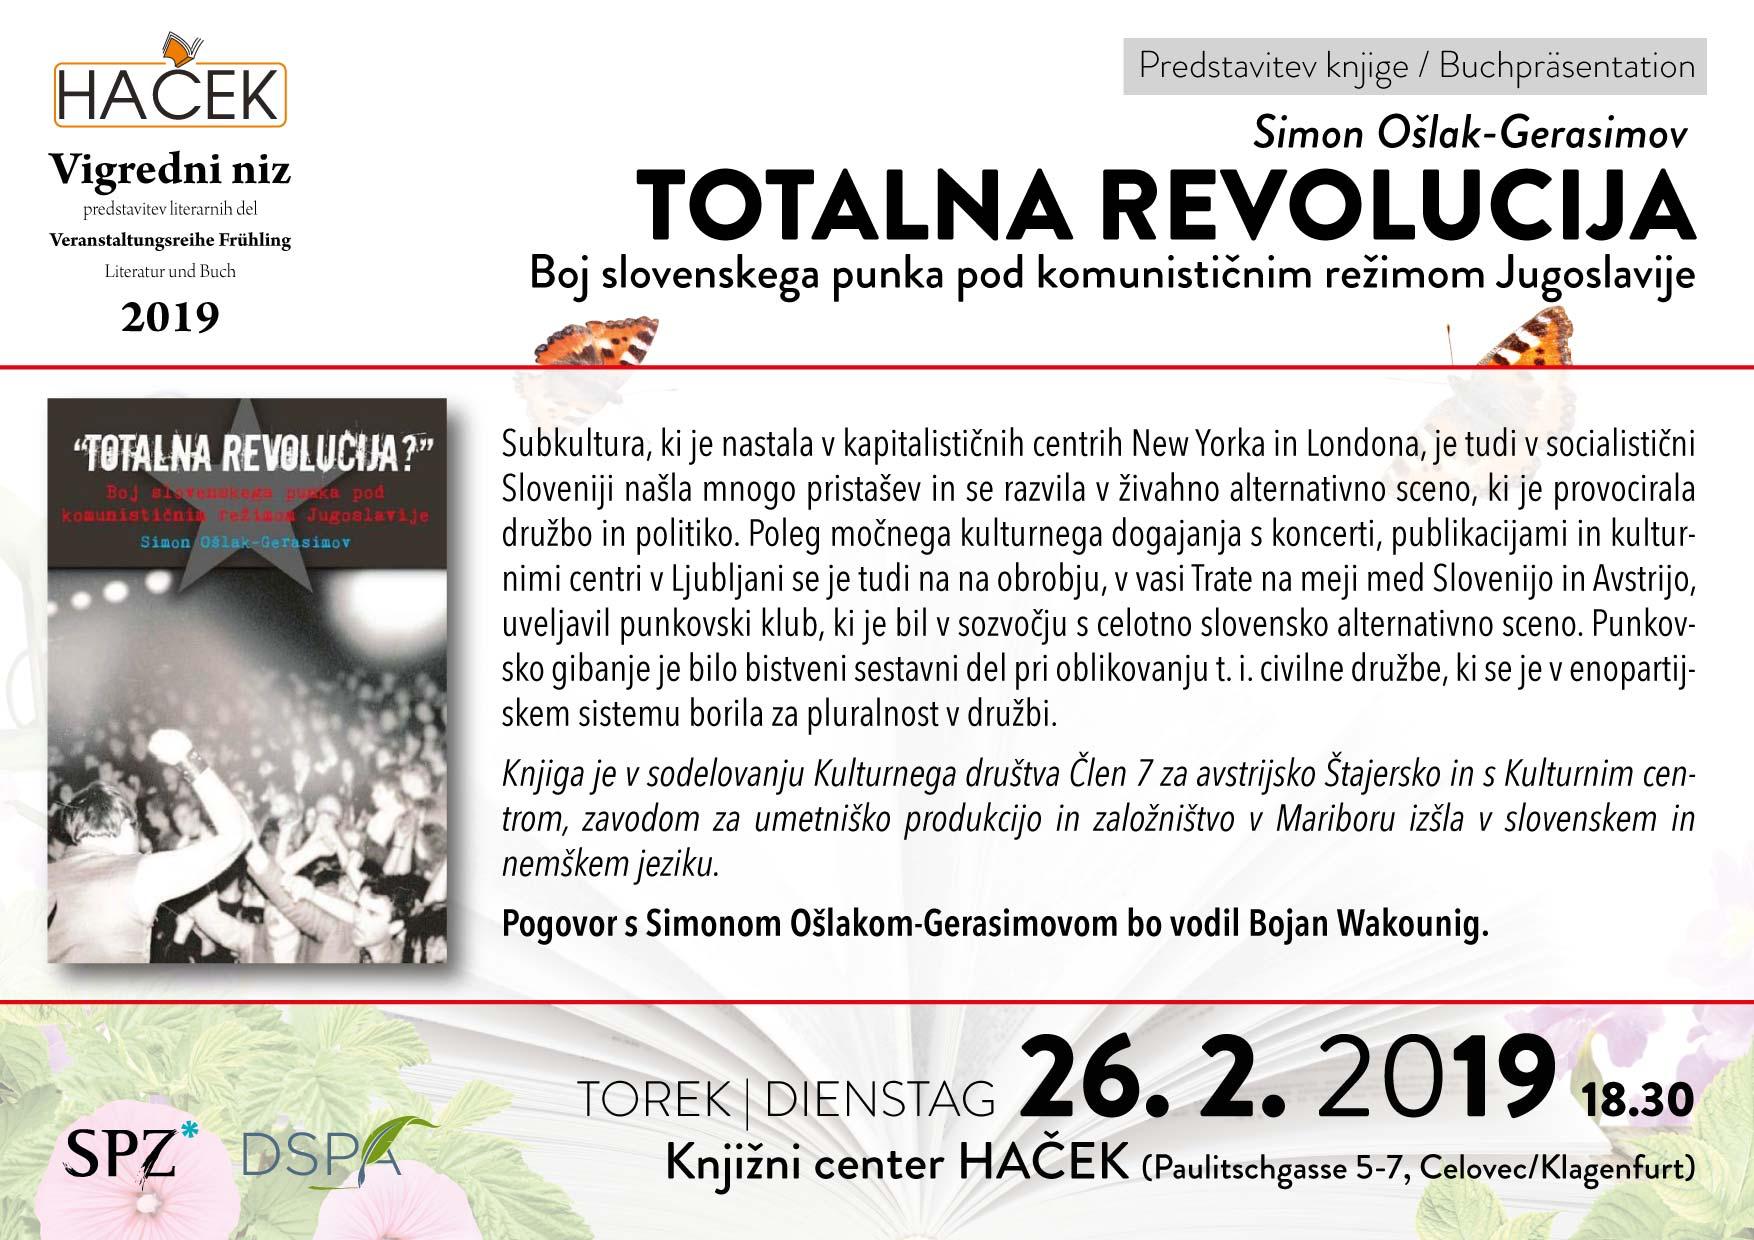 Totalna revolucija